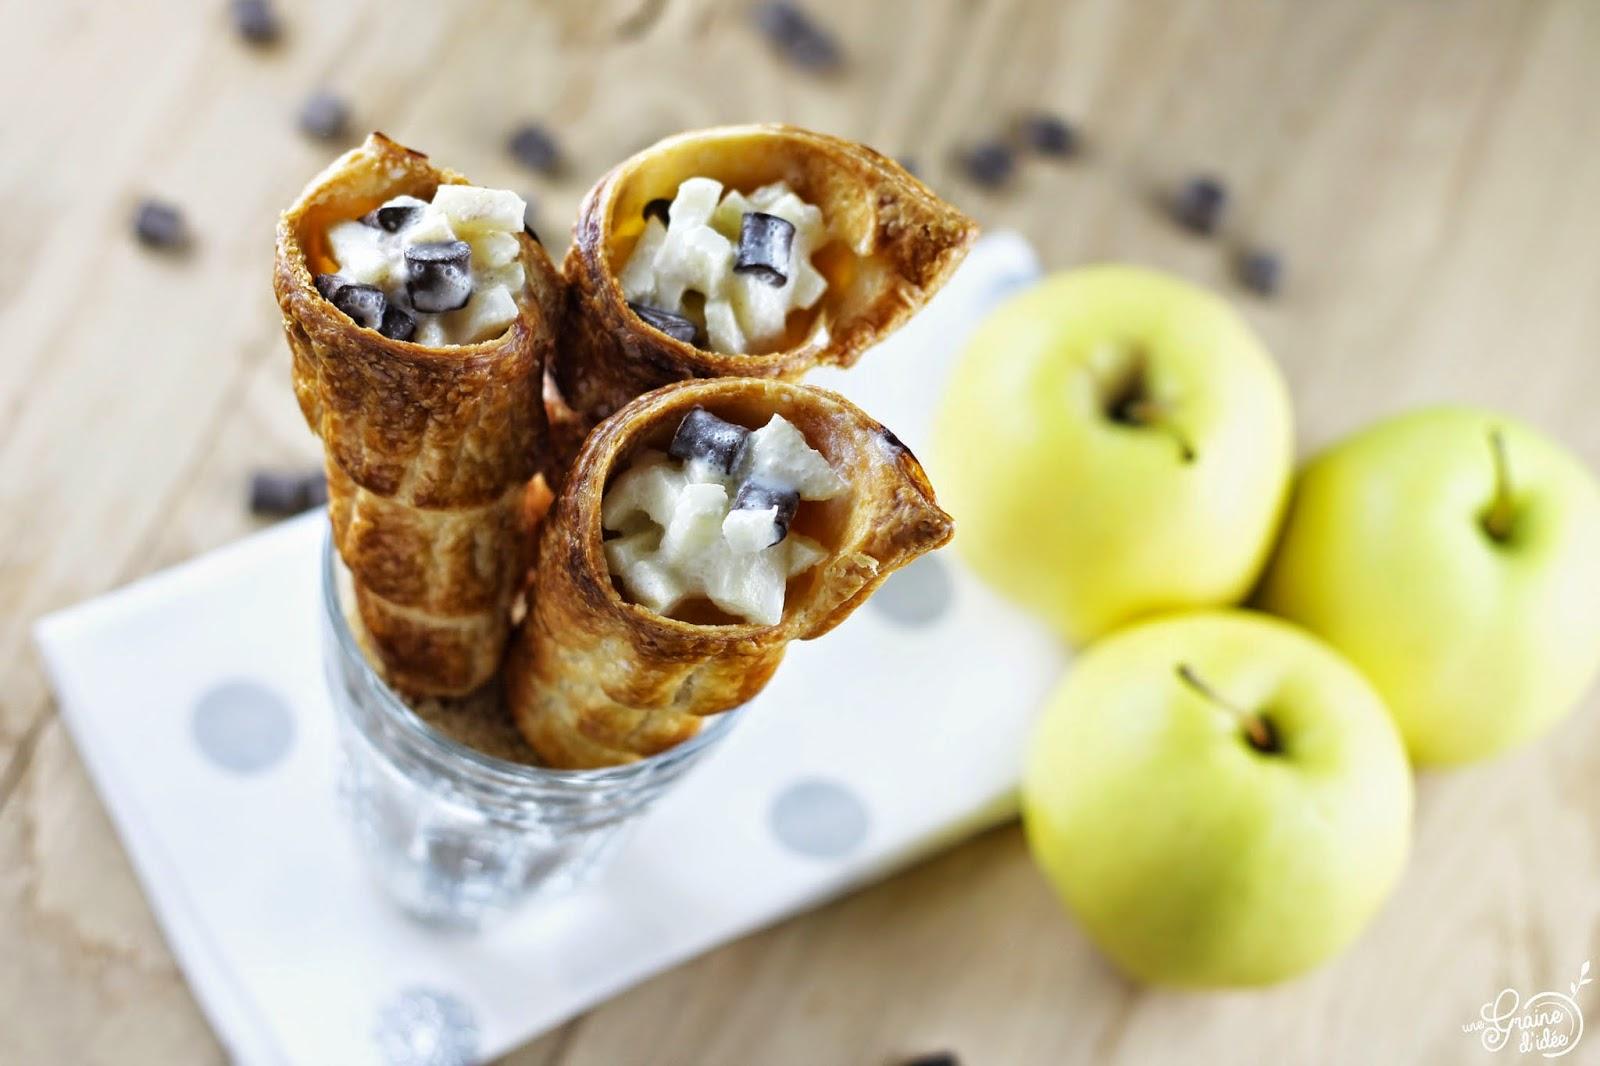 Cônes Pomme et Chocolat - Une Graine d'Idée